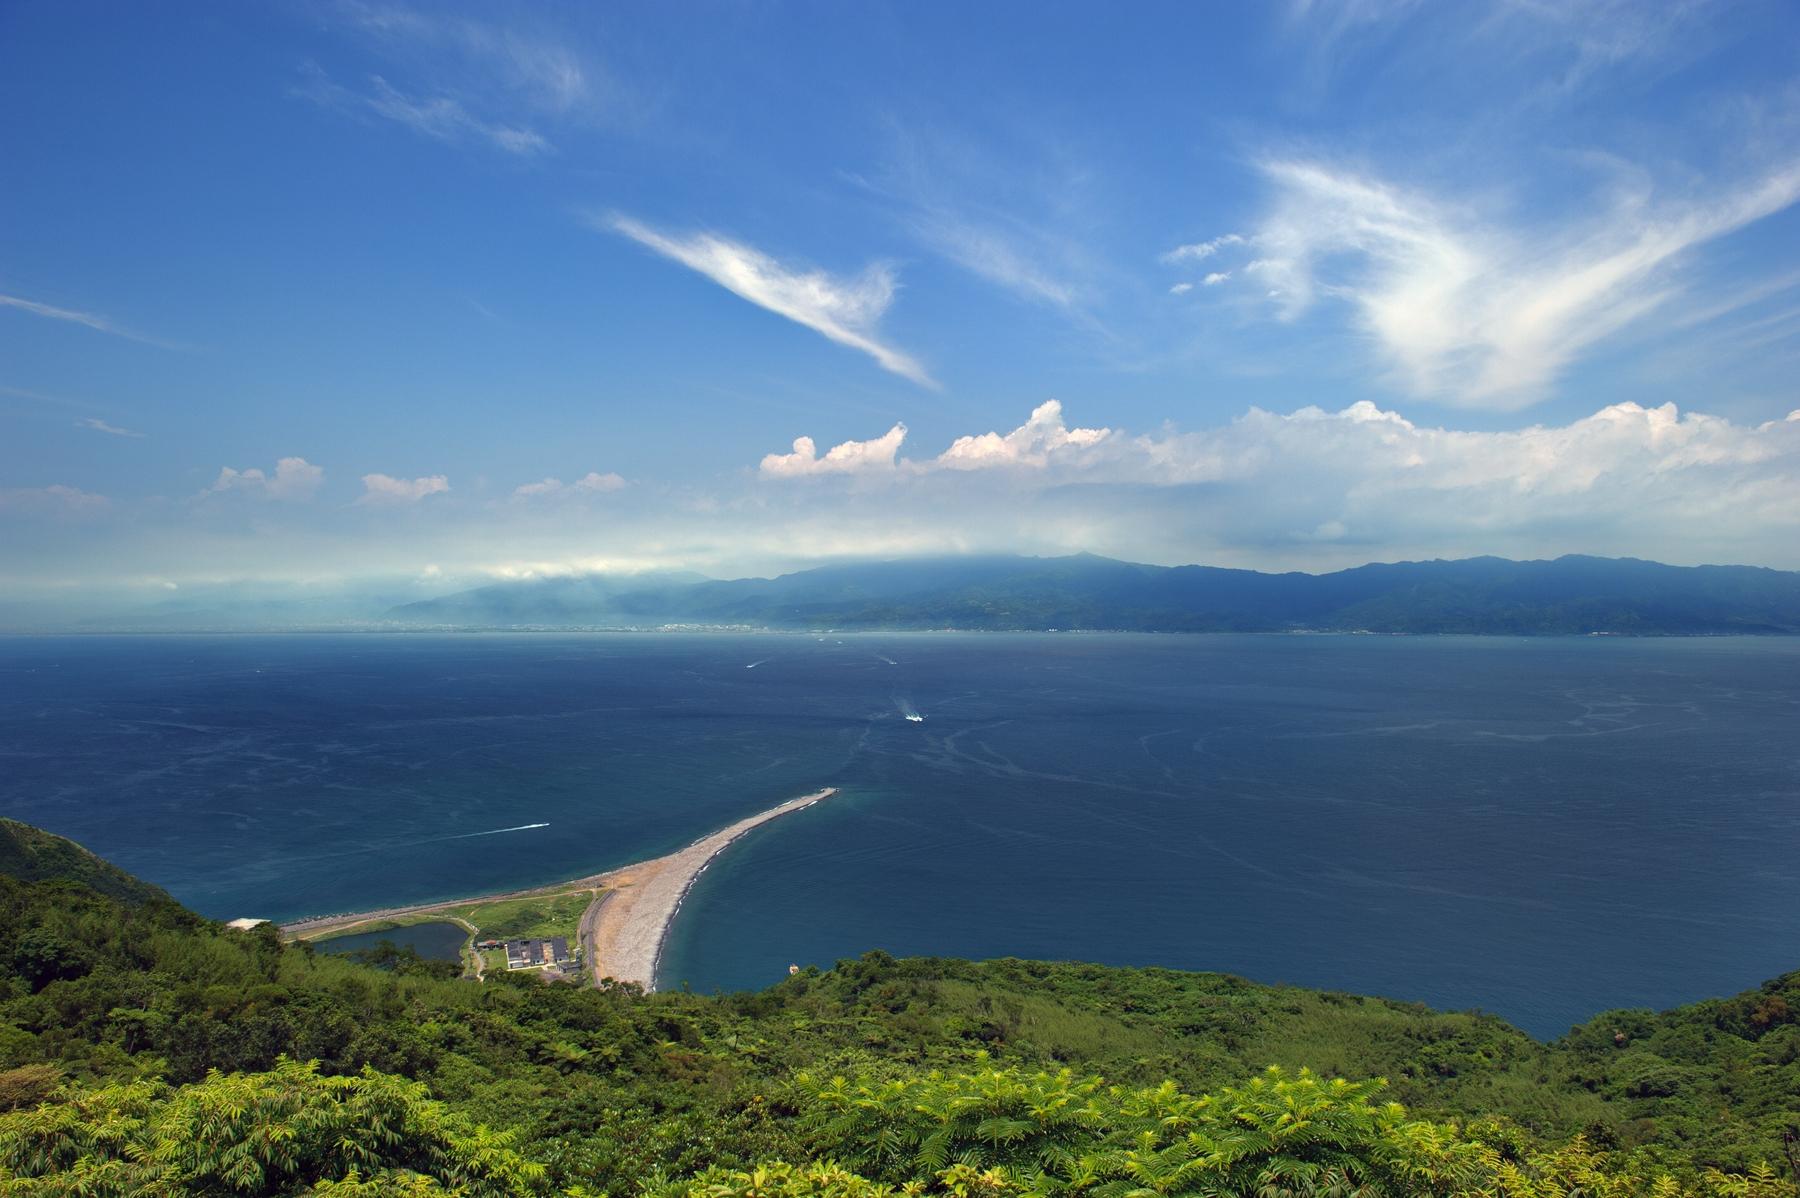 坐擁著美麗的山巒景致與崎嶇的海岸線